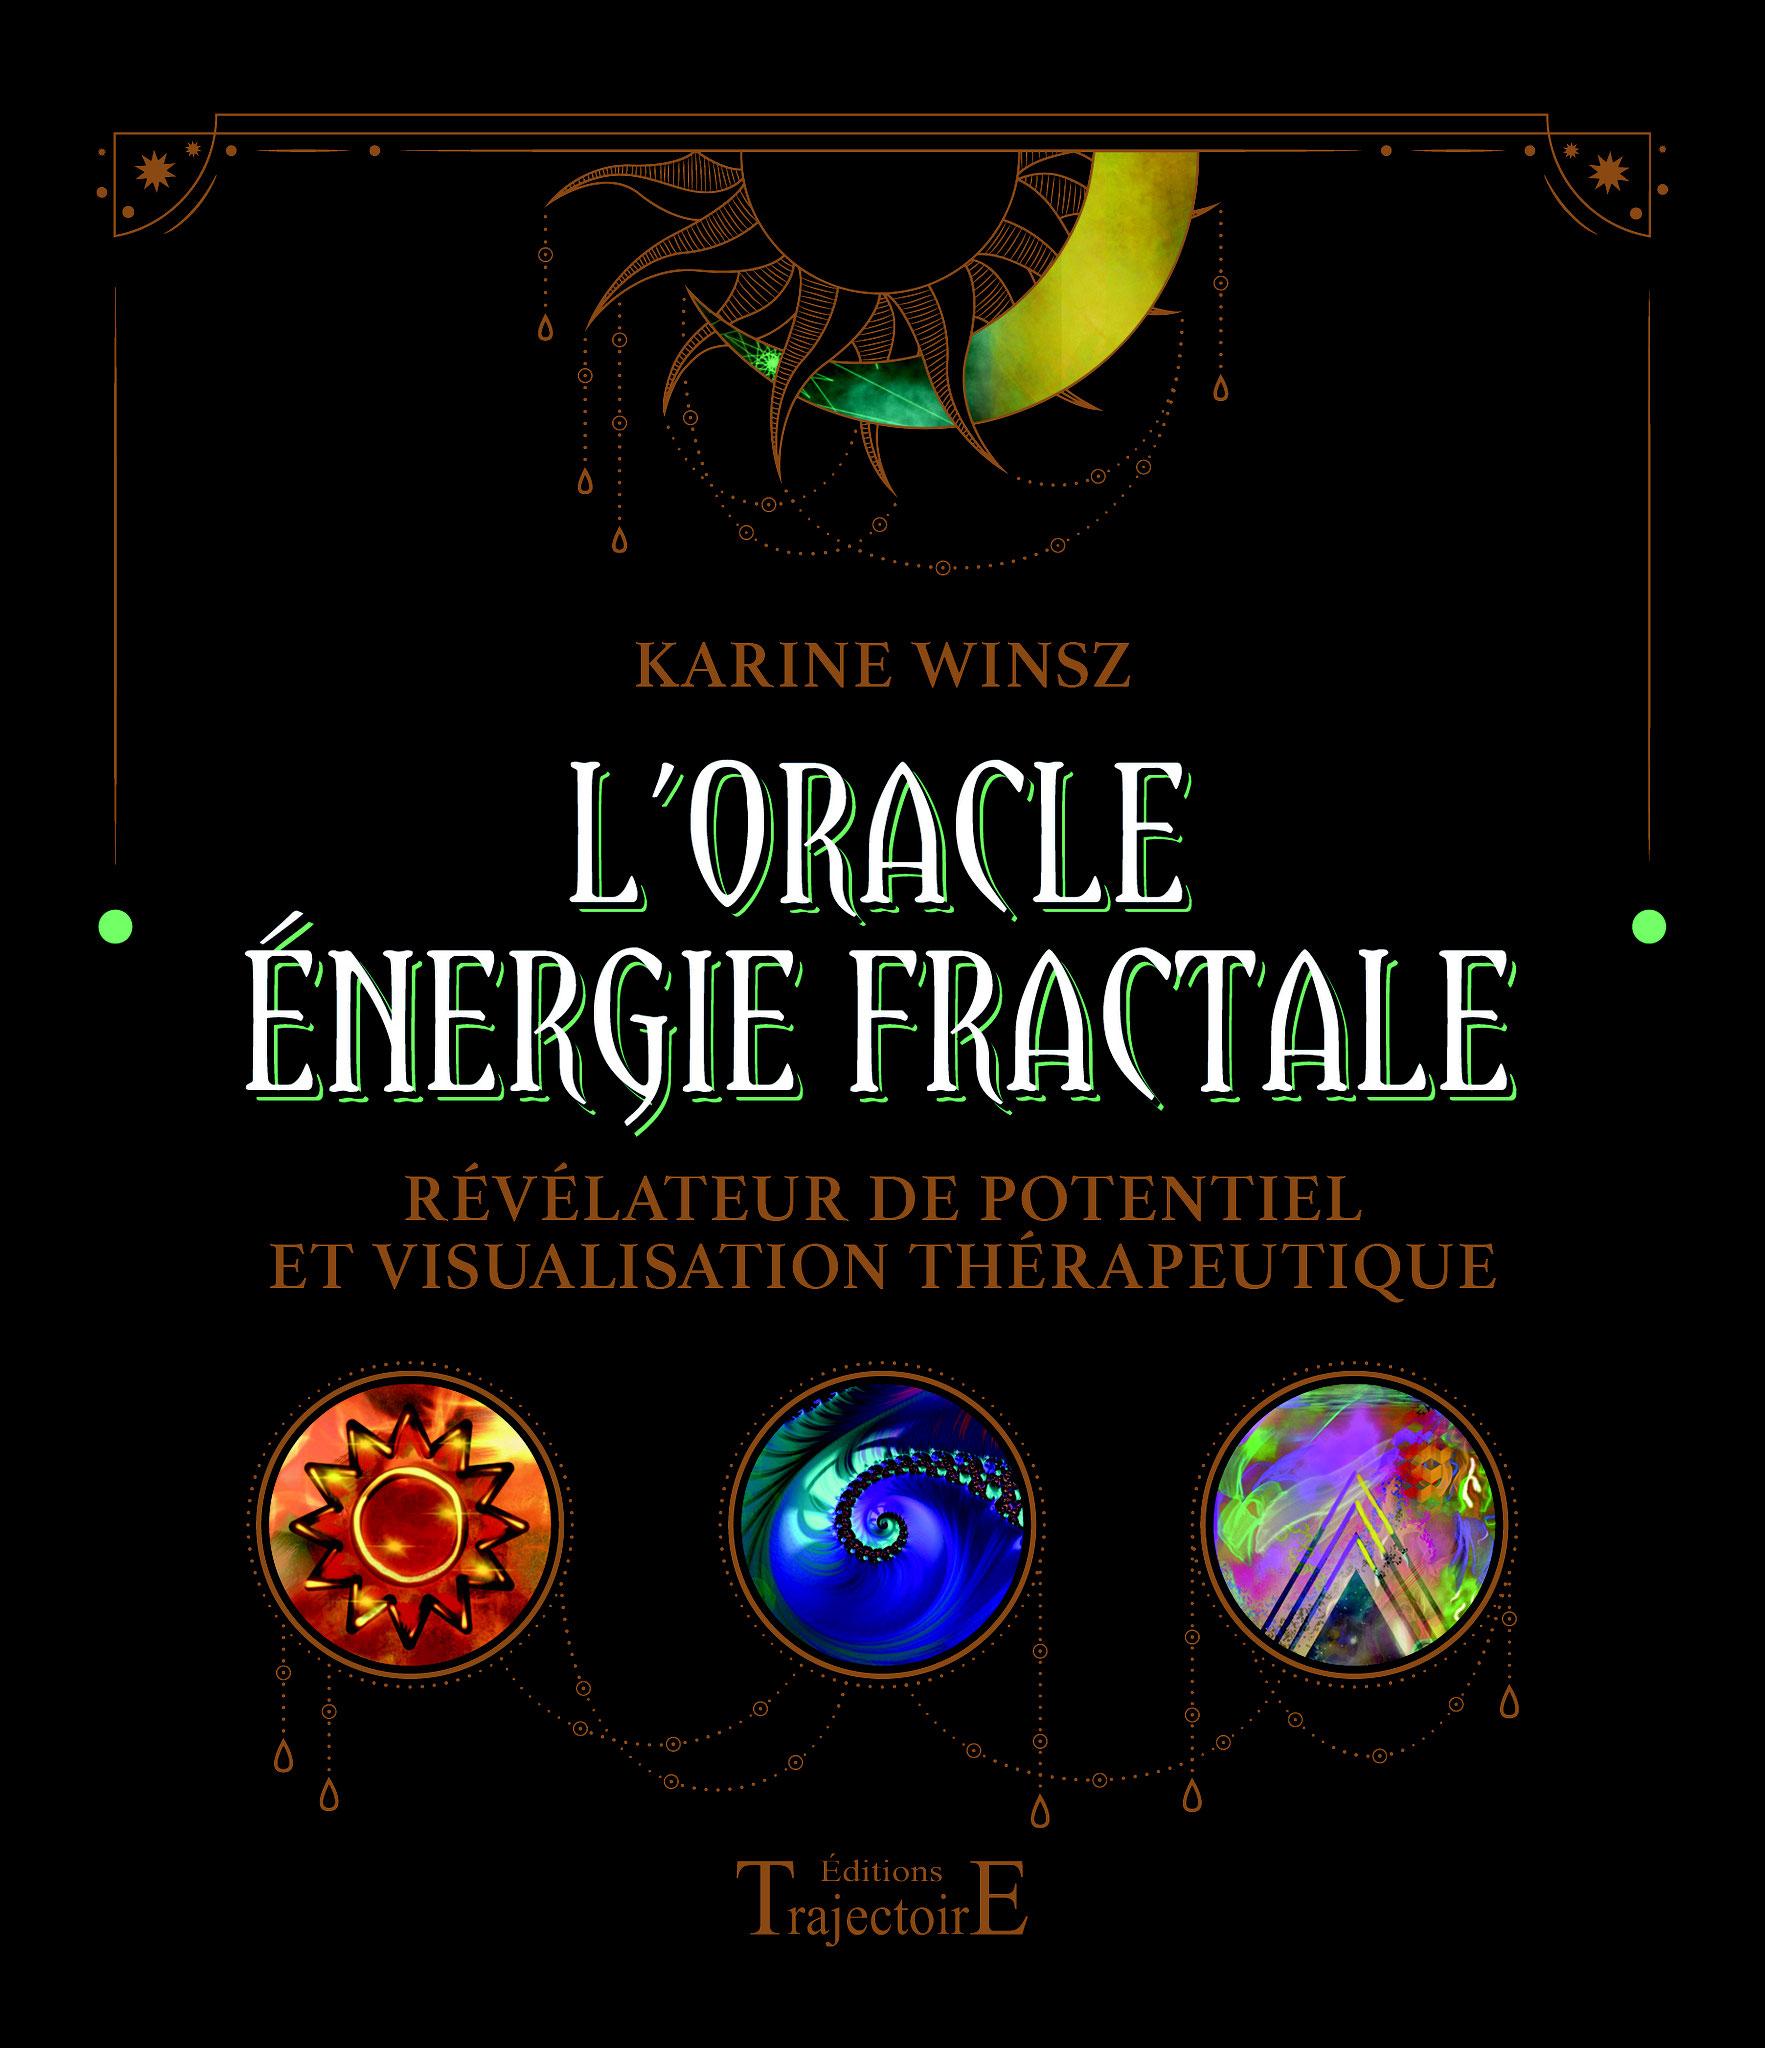 L'oracle Energie fractale: Karine Winsz